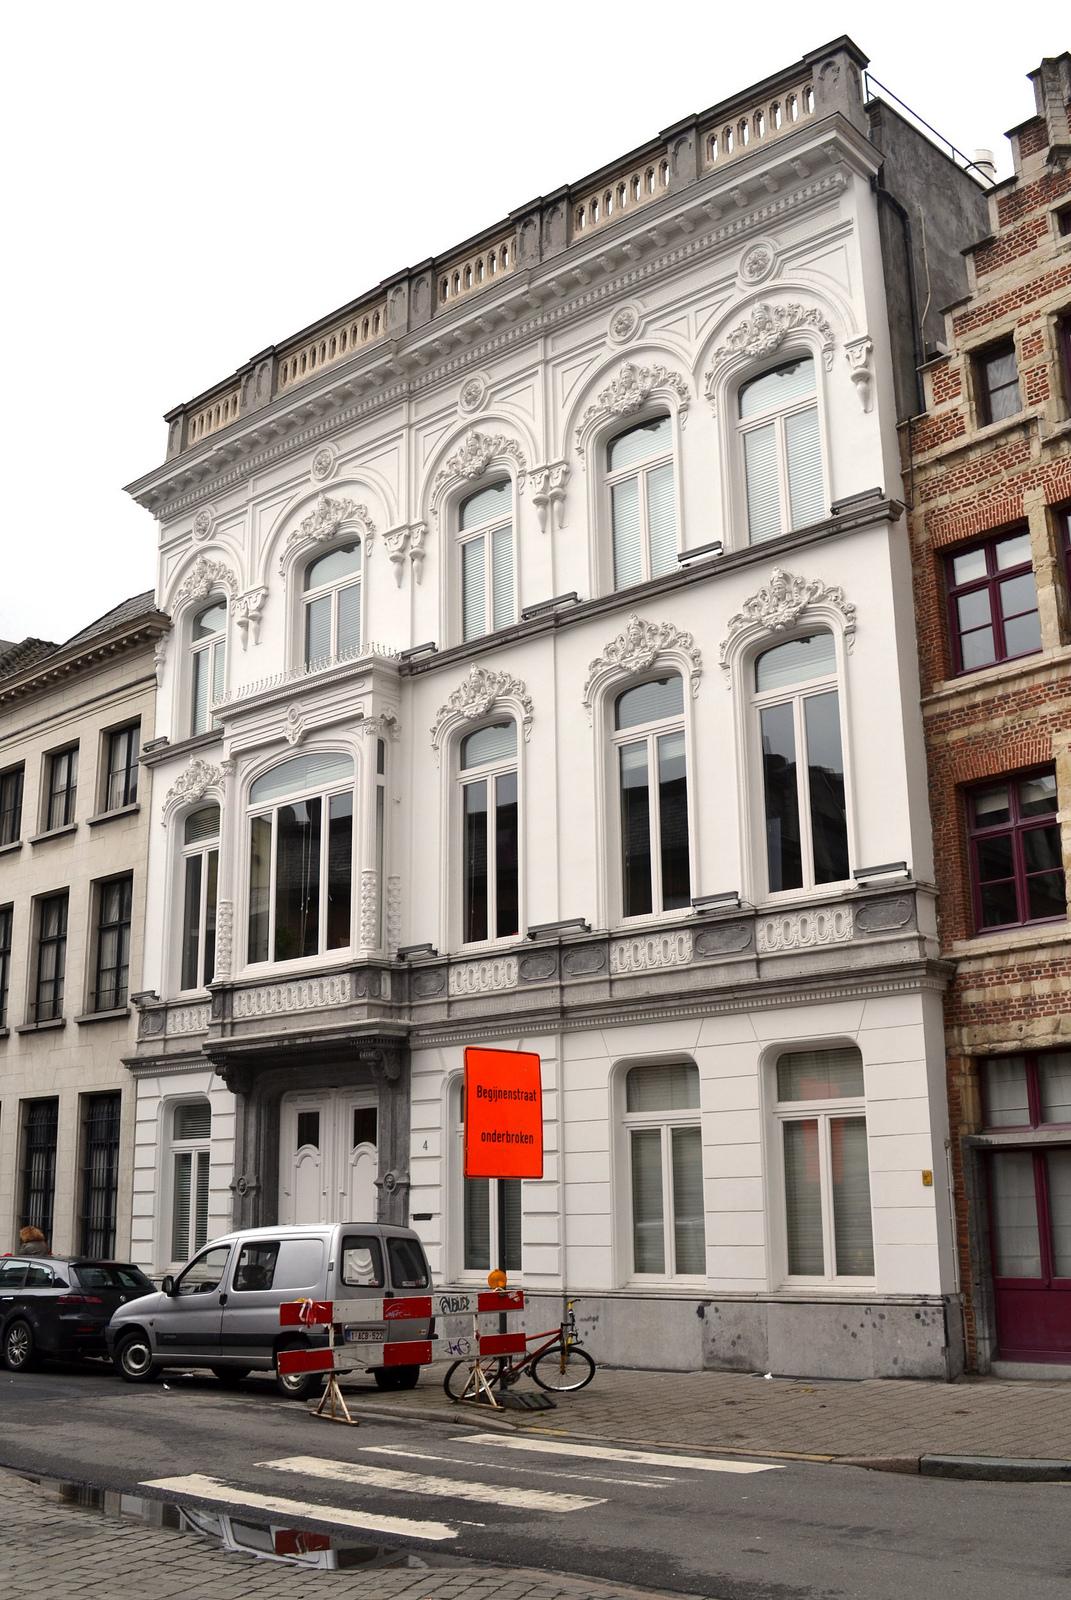 build in 1856